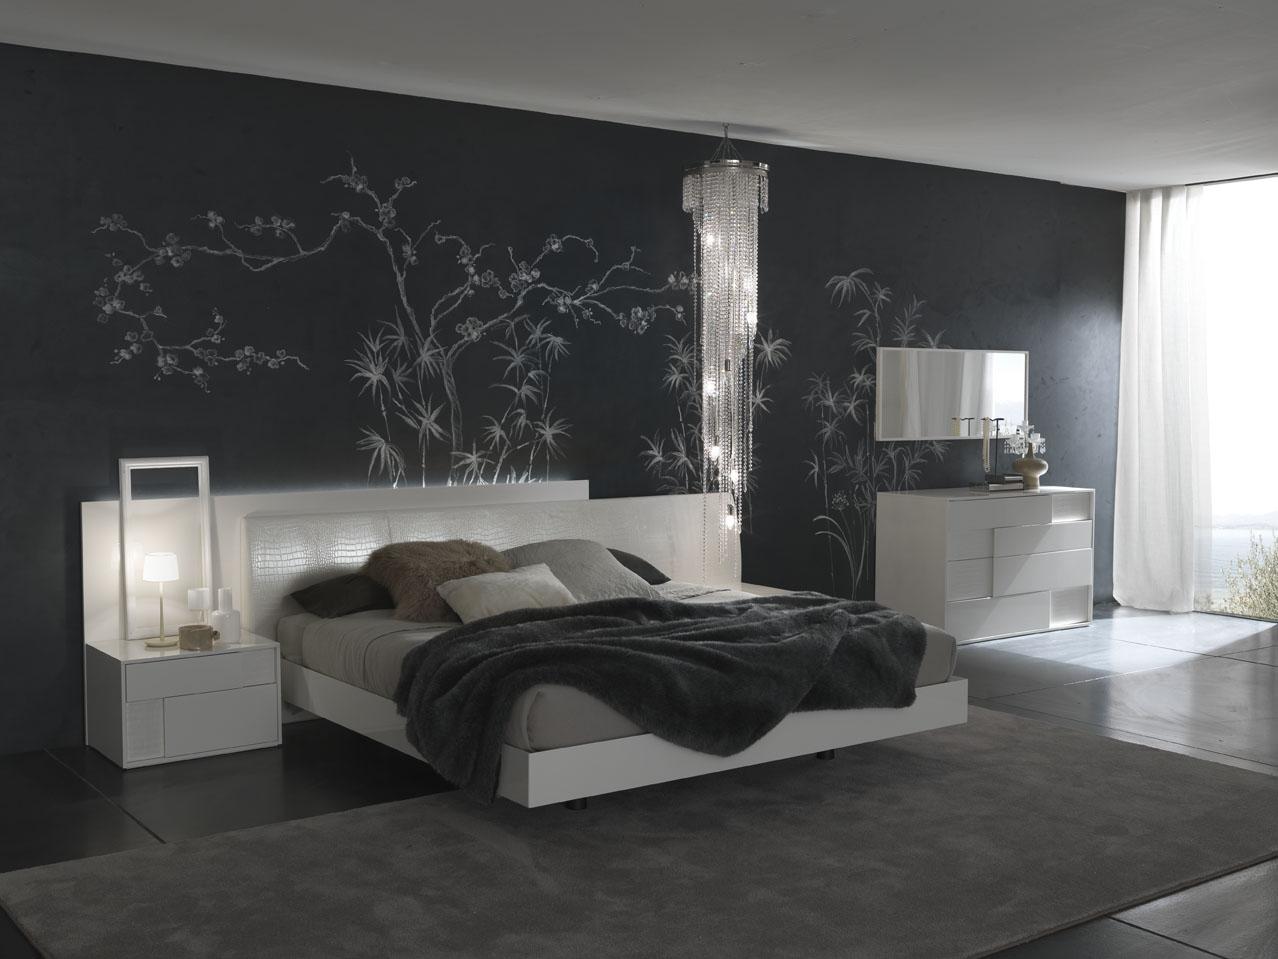 Gambar Desain Interior Minimalis Desain Kamar Tidur Design Rumah  Interior Rumah  Interior